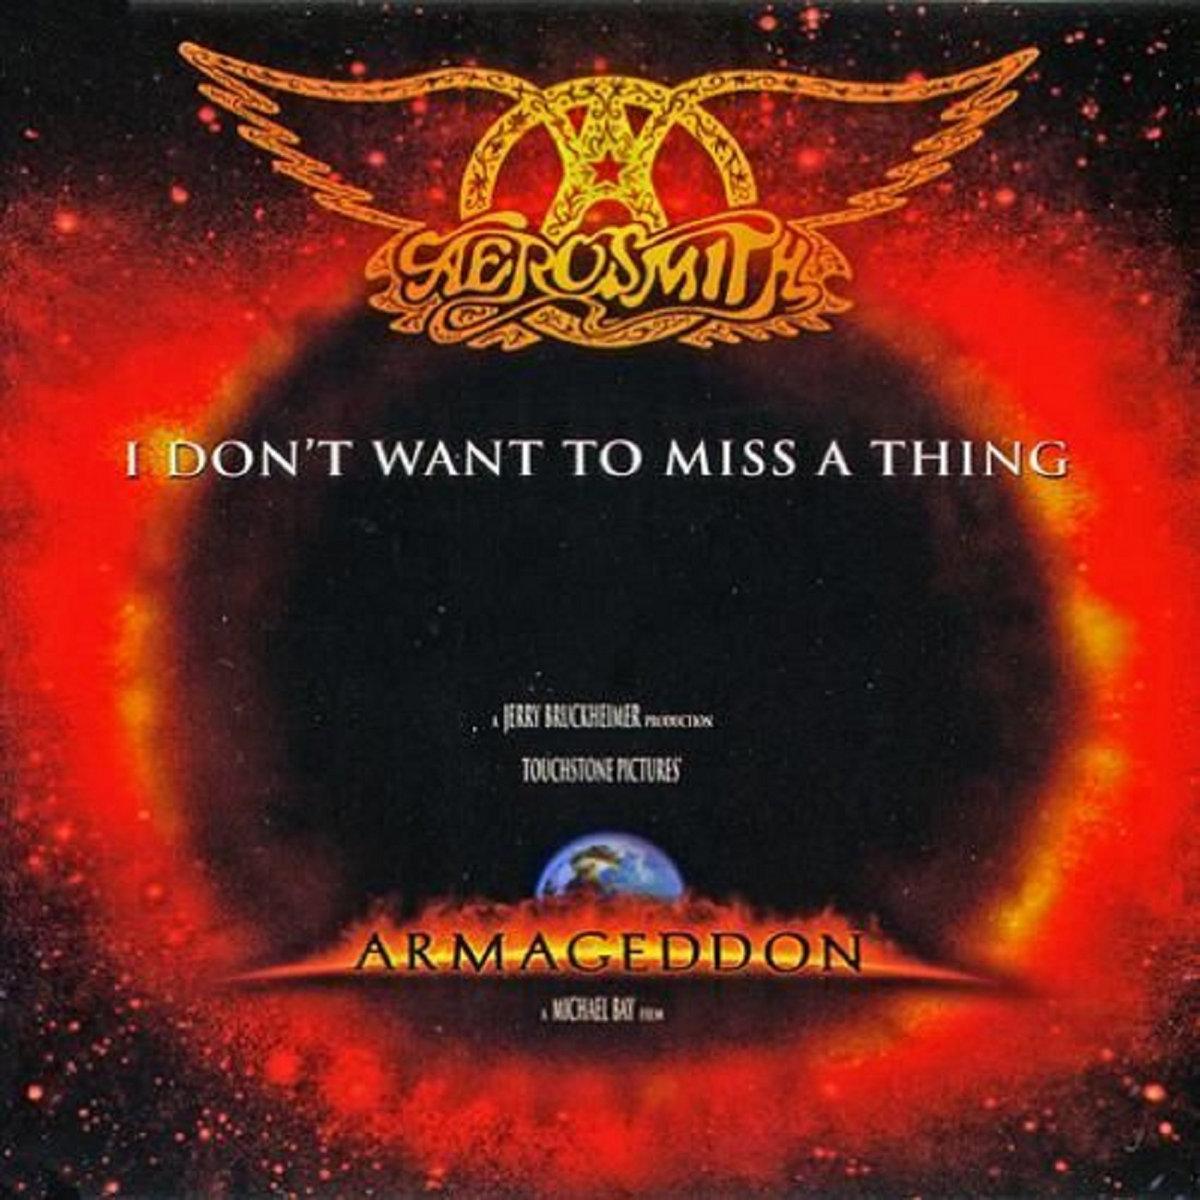 #1 Hari Ini, 1997: Aerosmith – I Don't Want Miss a Thing